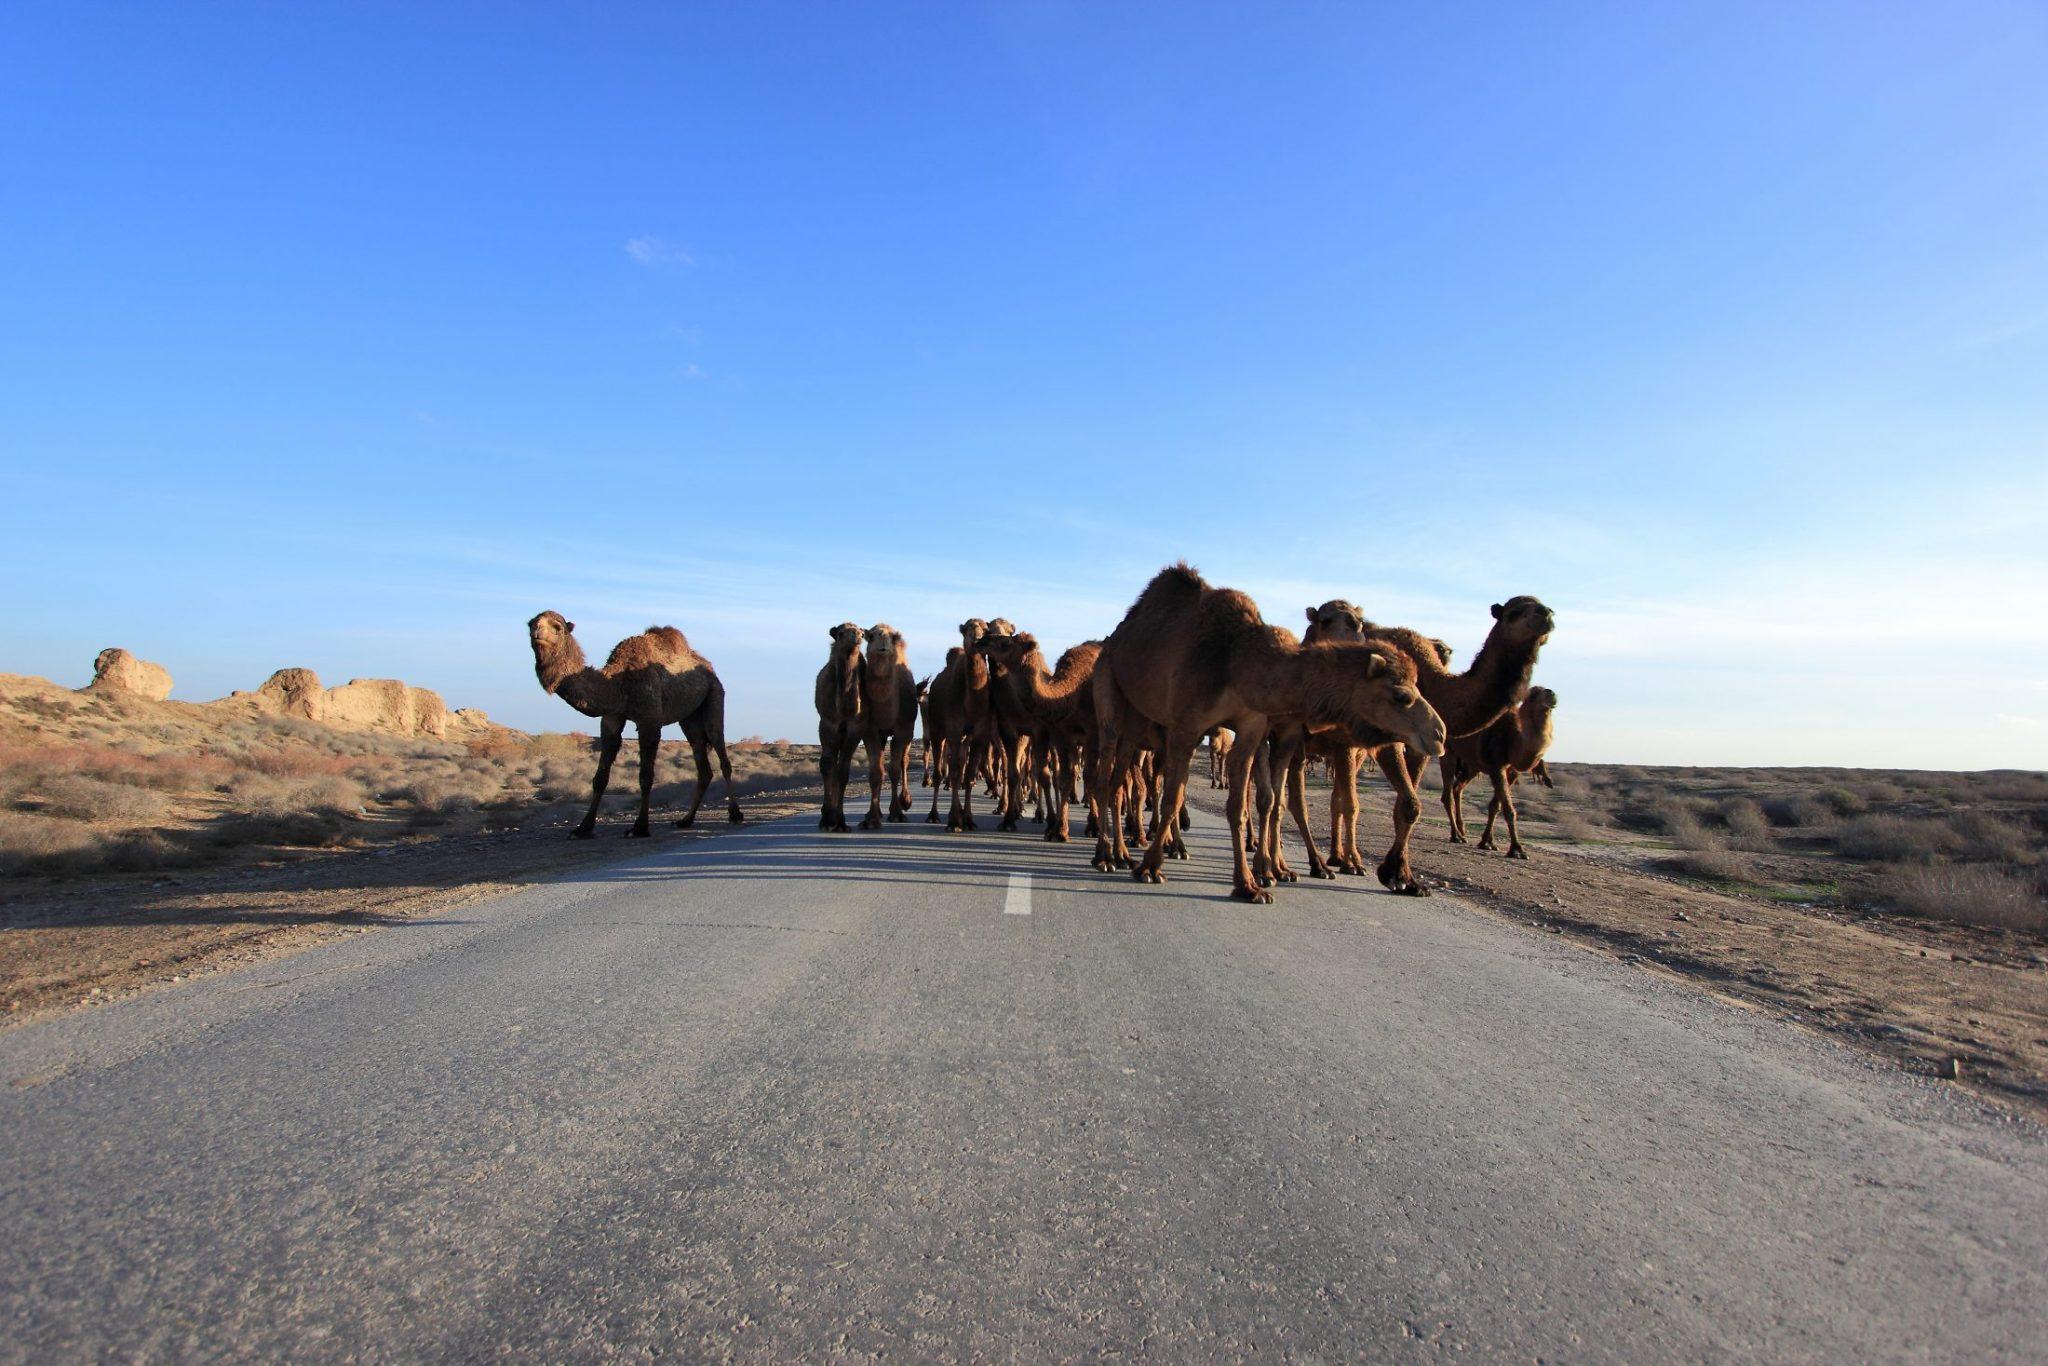 Camel traffic jam in Turkmenistan